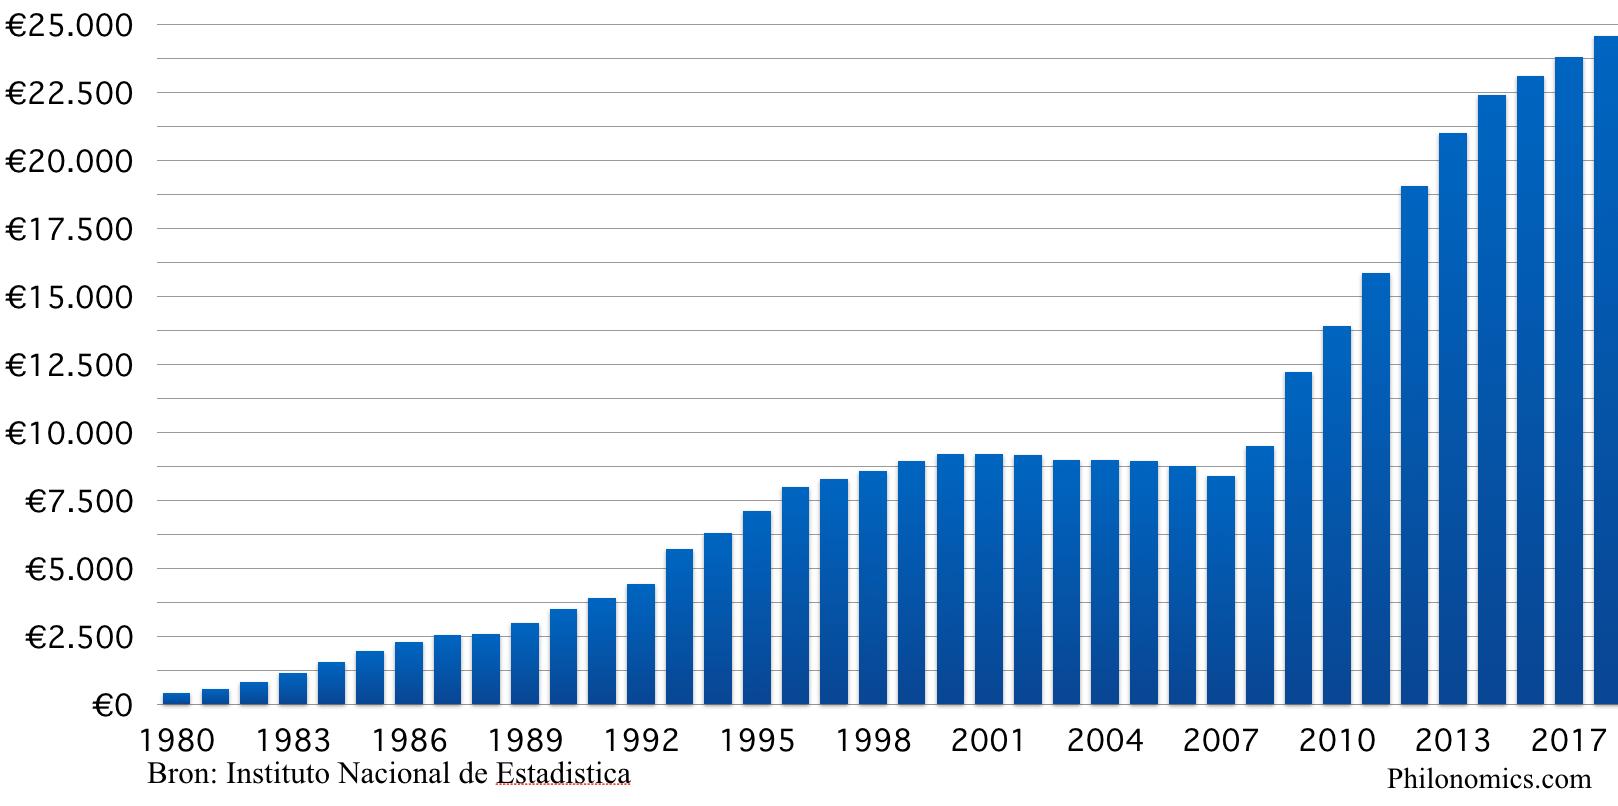 Staatschuld Spanje per hoofd